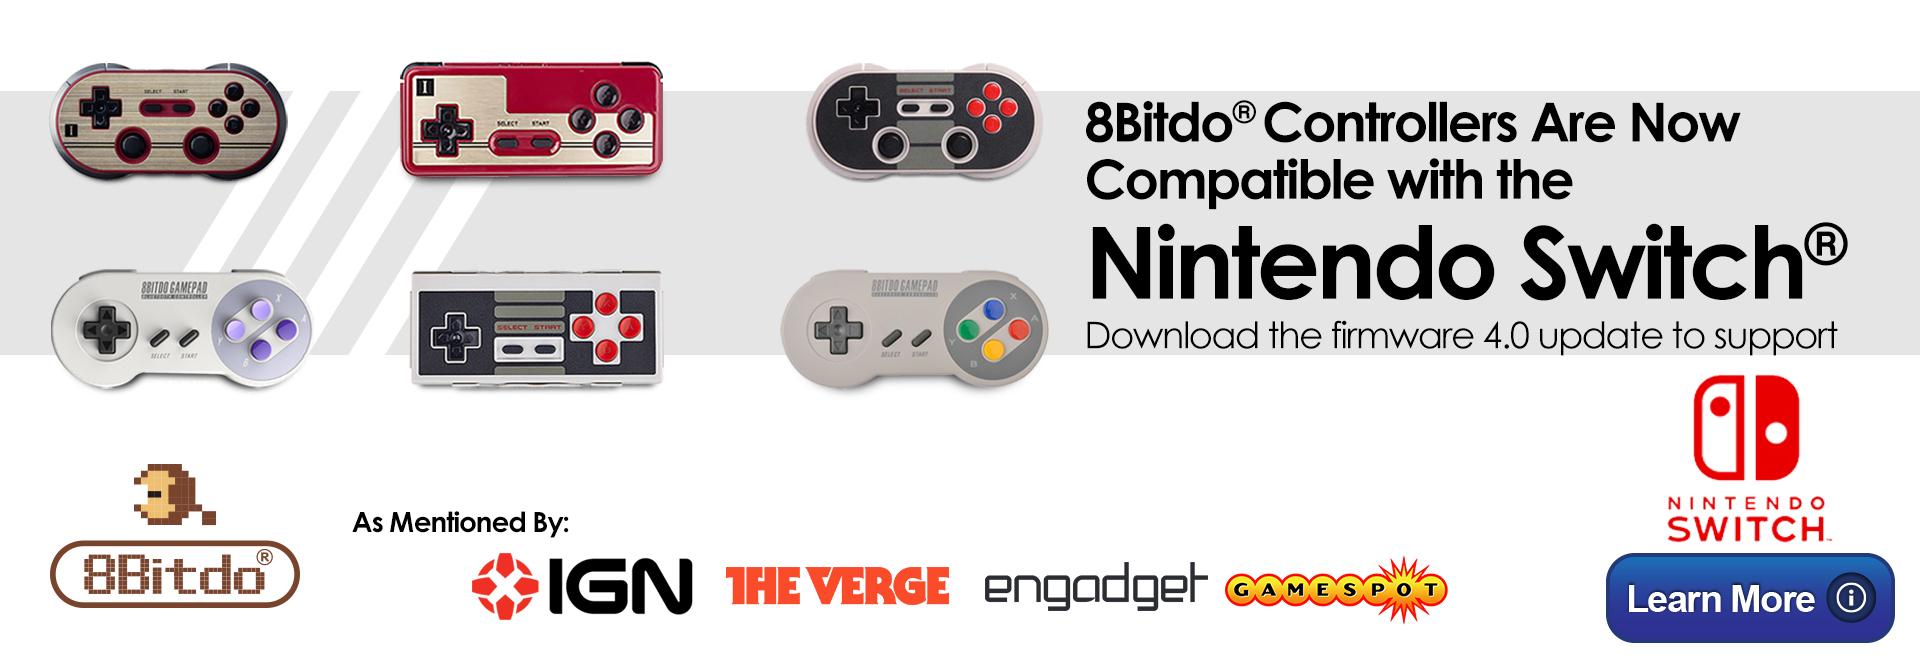 8Bitdo Nintendo Switch